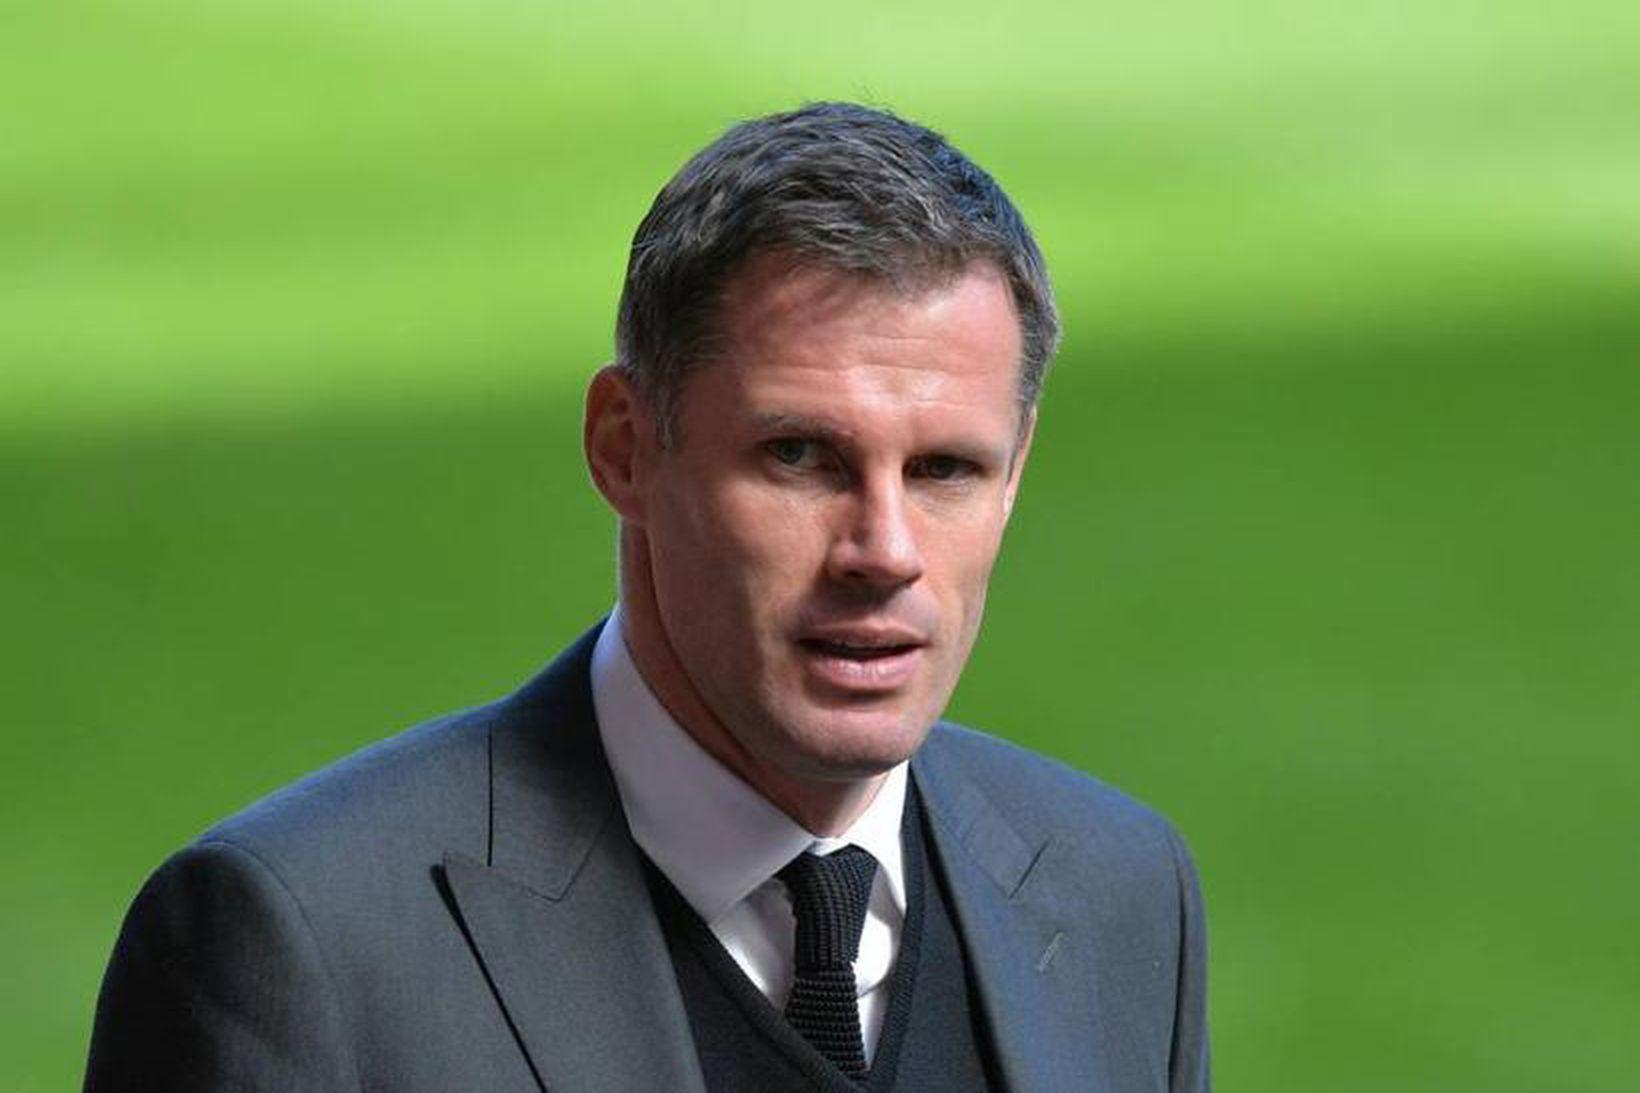 Jamie Carragher starfar sem sparkspekingur hjá Sky Sports í dag.